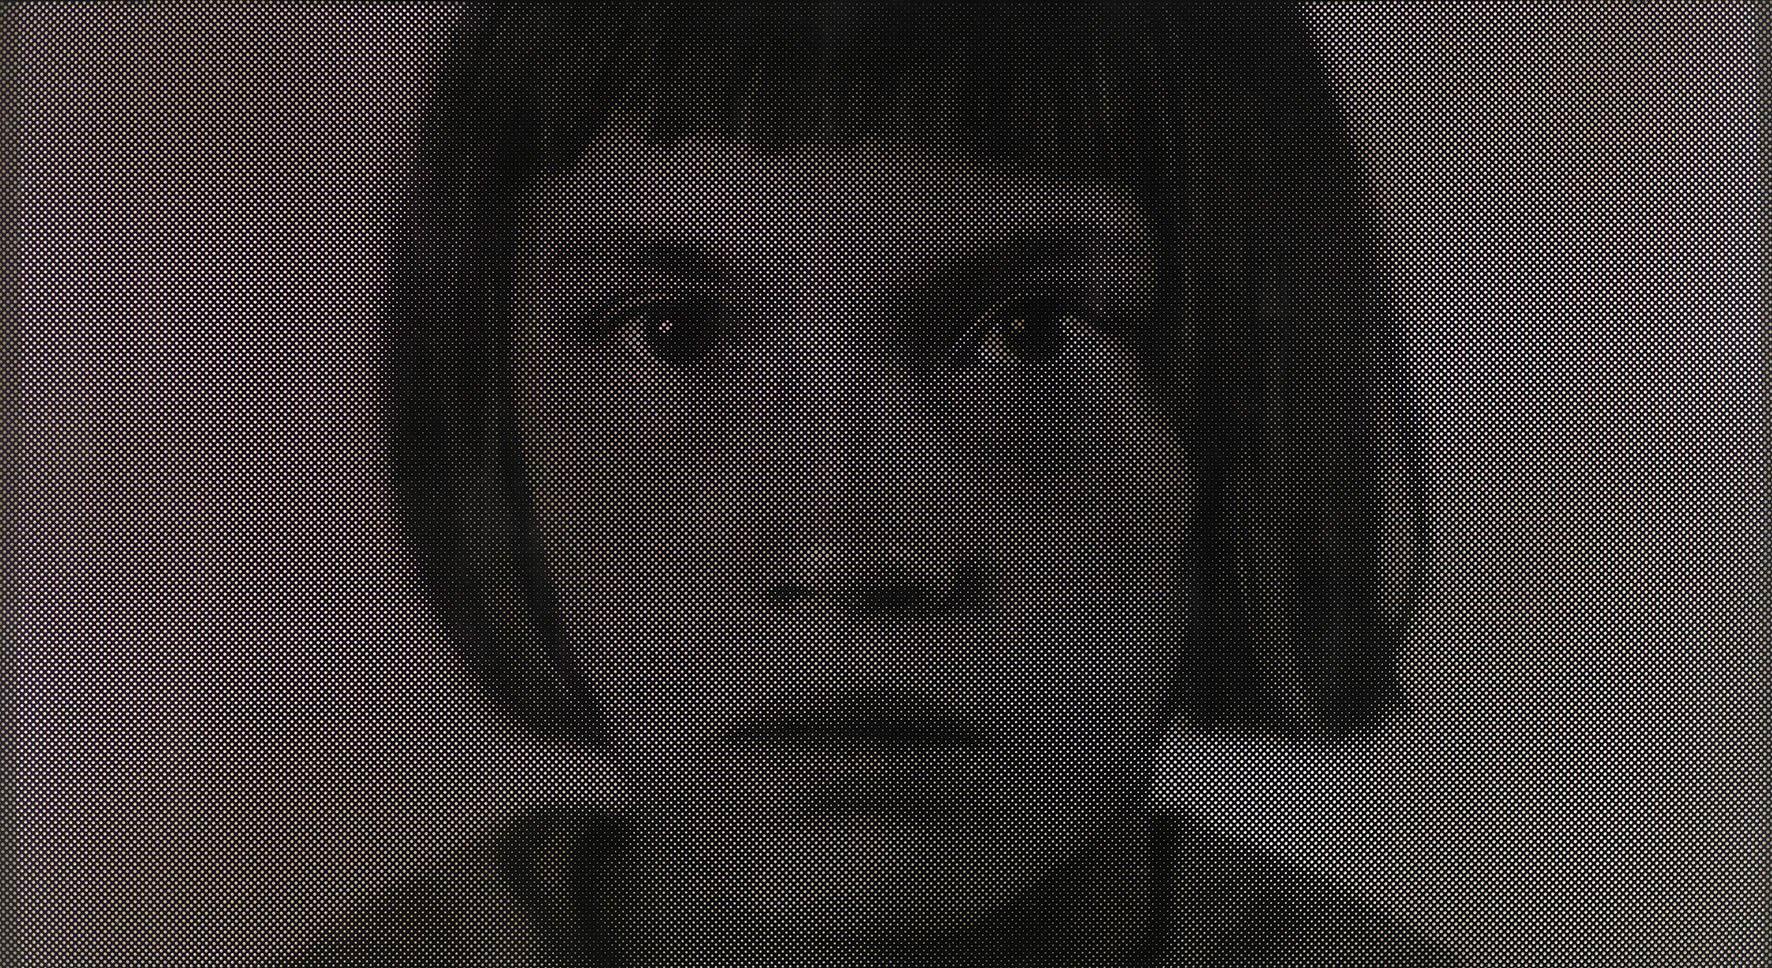 Anne-Karin Furunes, Valaistut hetket 1, 2012